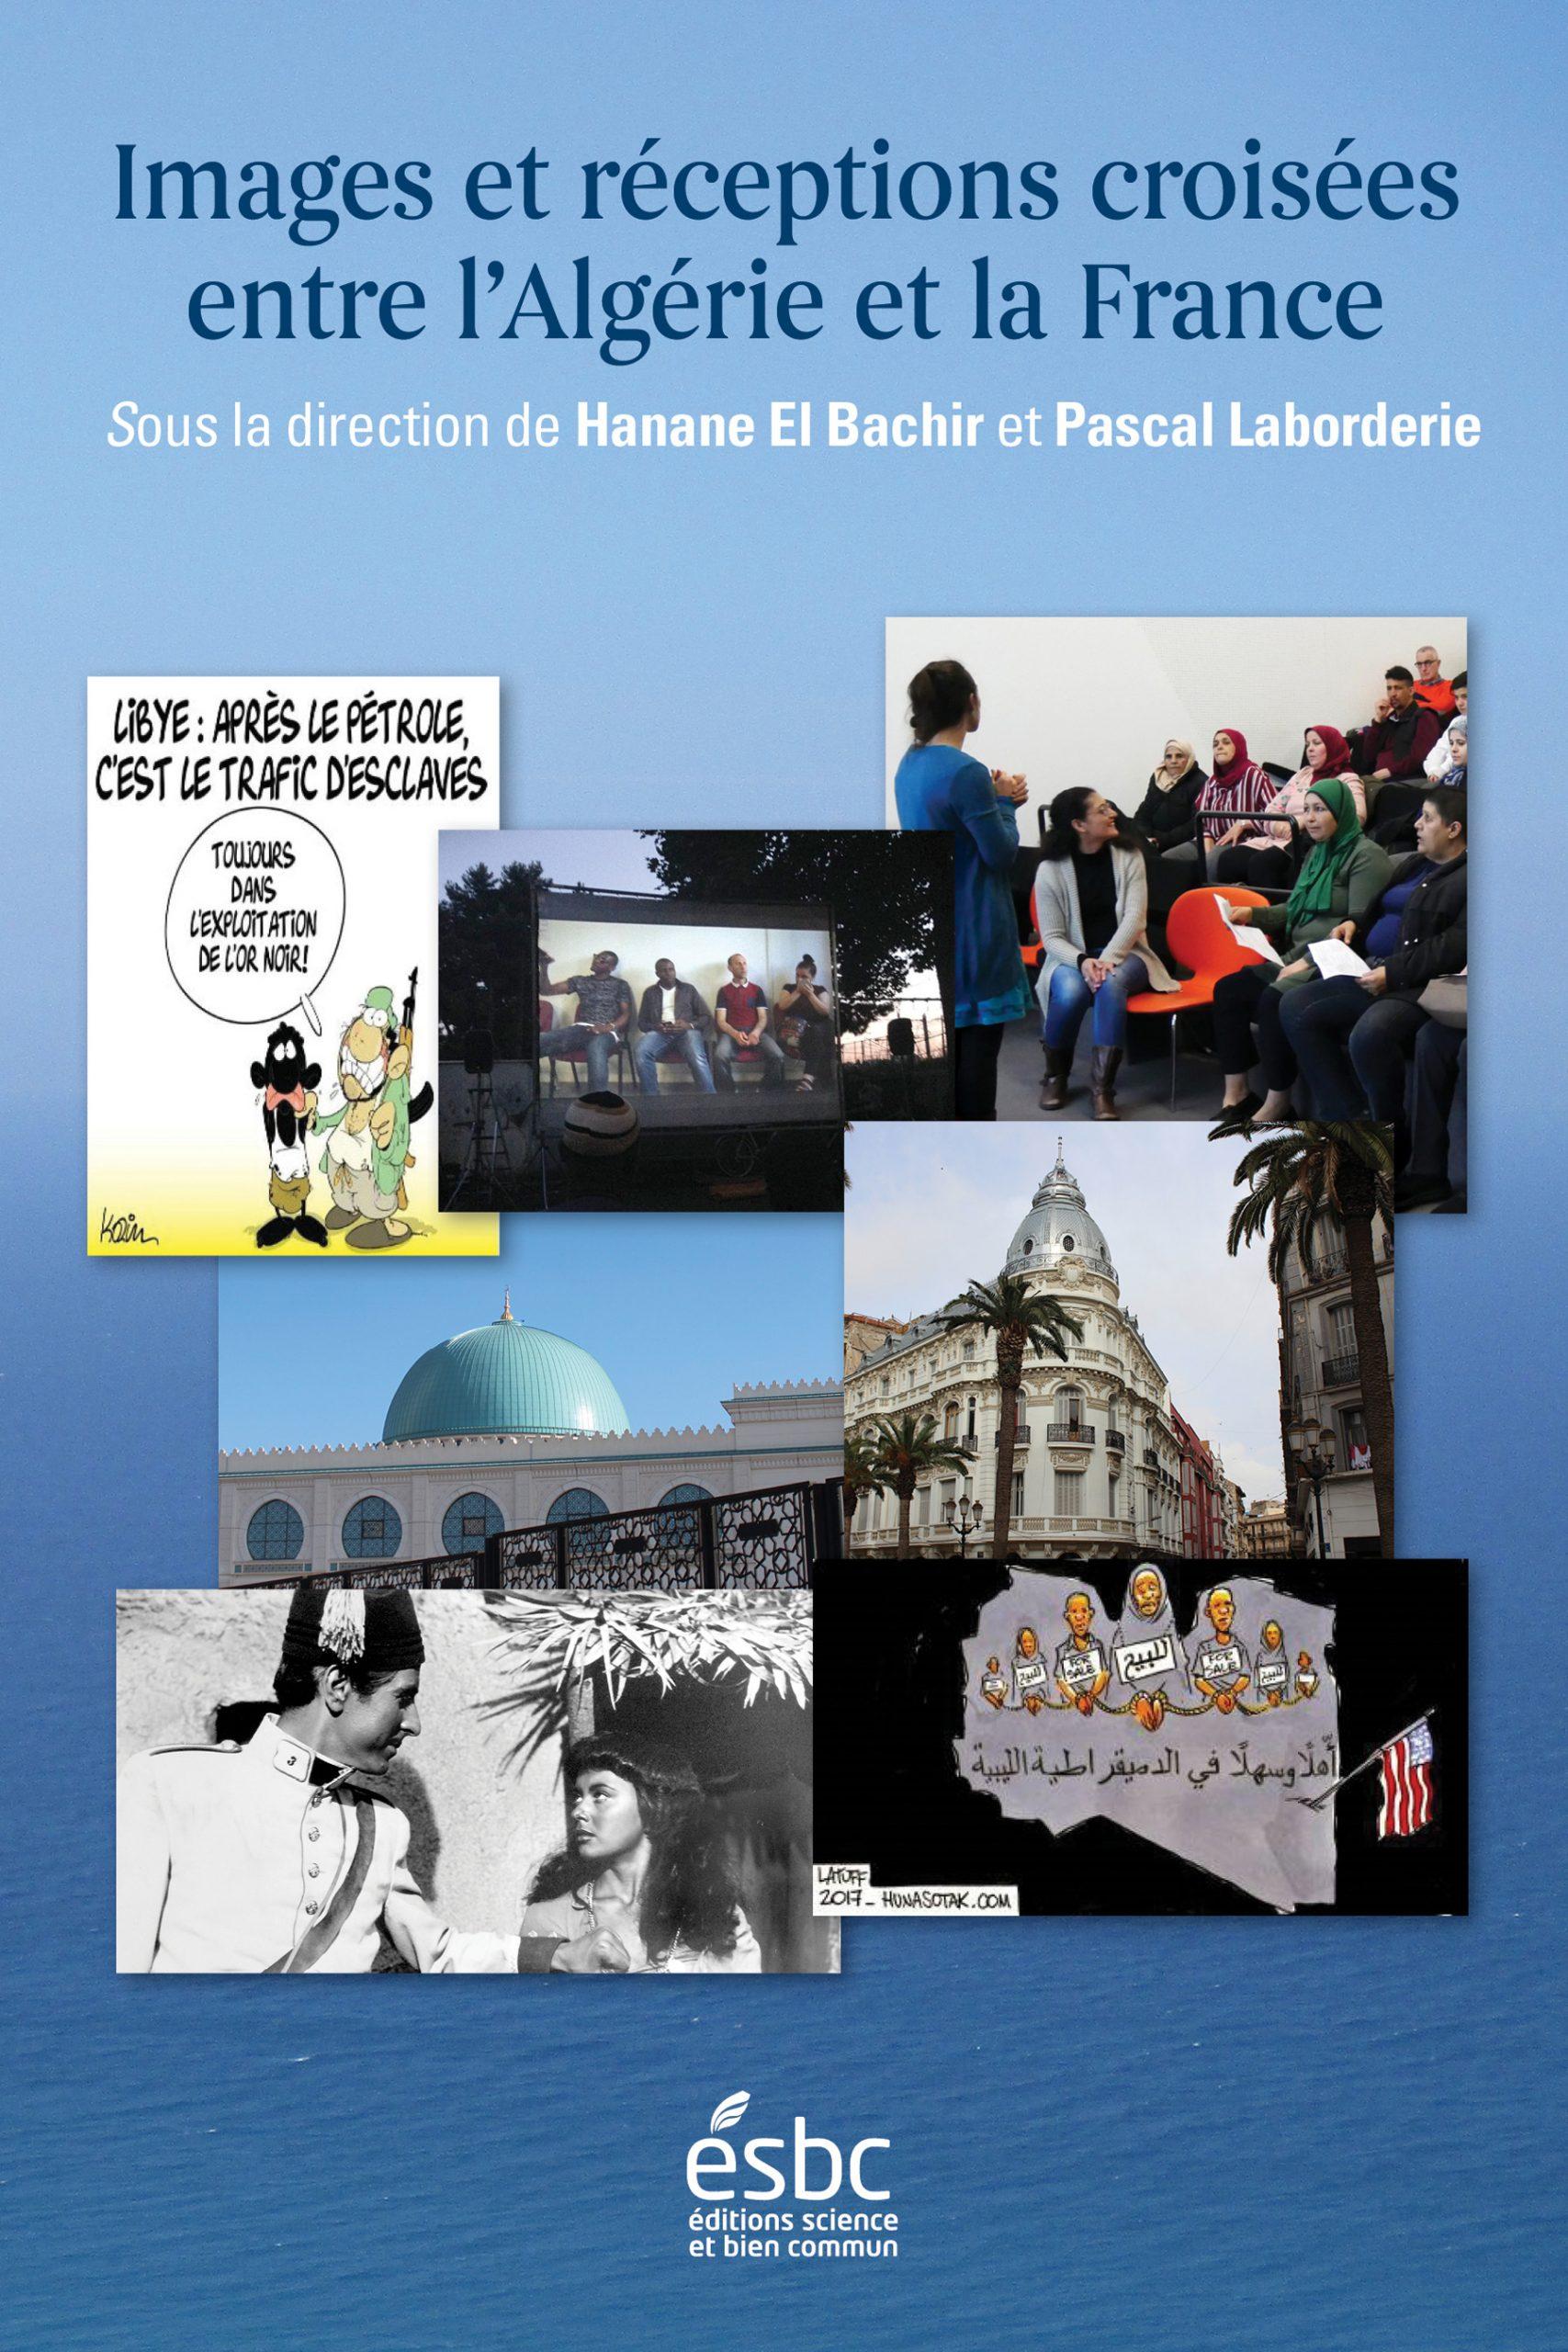 Images et réceptions croisées entre l'Algérie et la France